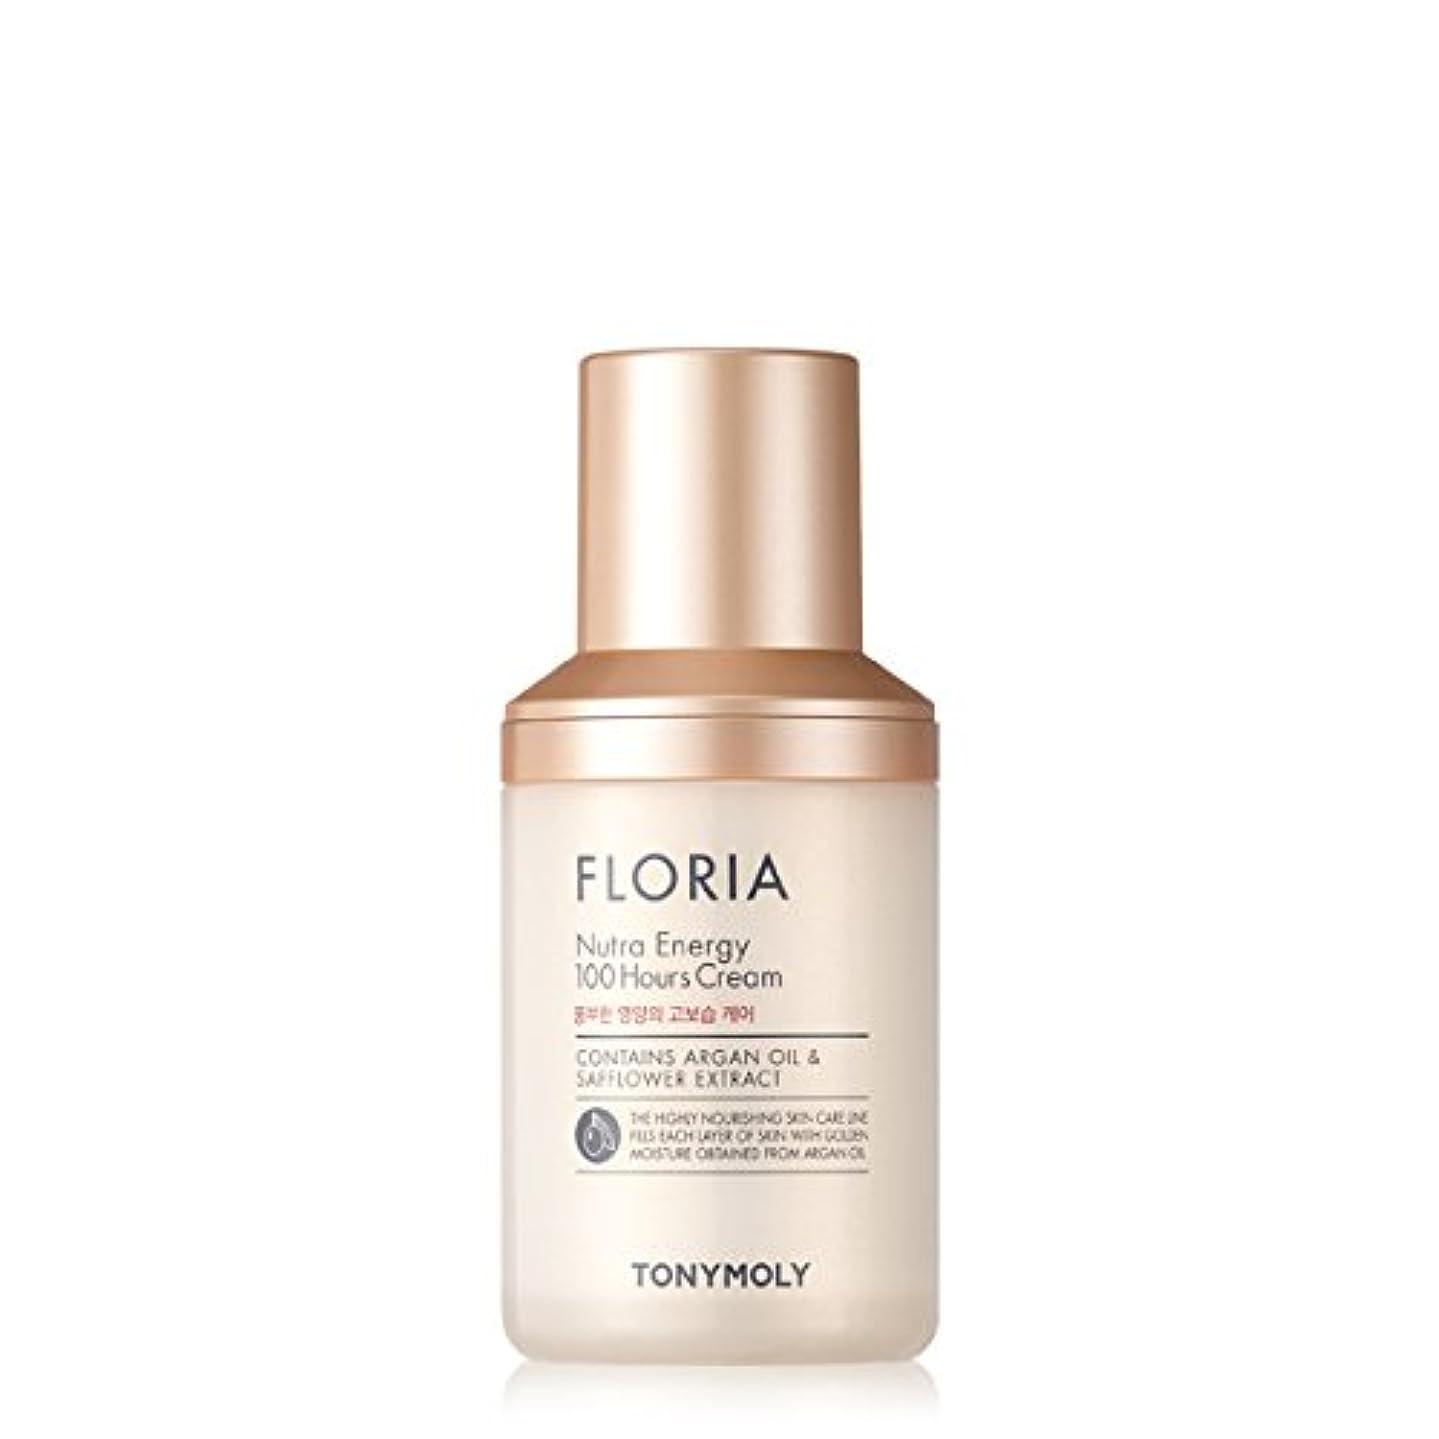 引き受ける中国バドミントン[NEW] TONY MOLY Floria Nutra energy 100 hours Cream 50ml トニーモリー フローリア ニュートラ エナジー 100時間 クリーム 50ml [並行輸入品]